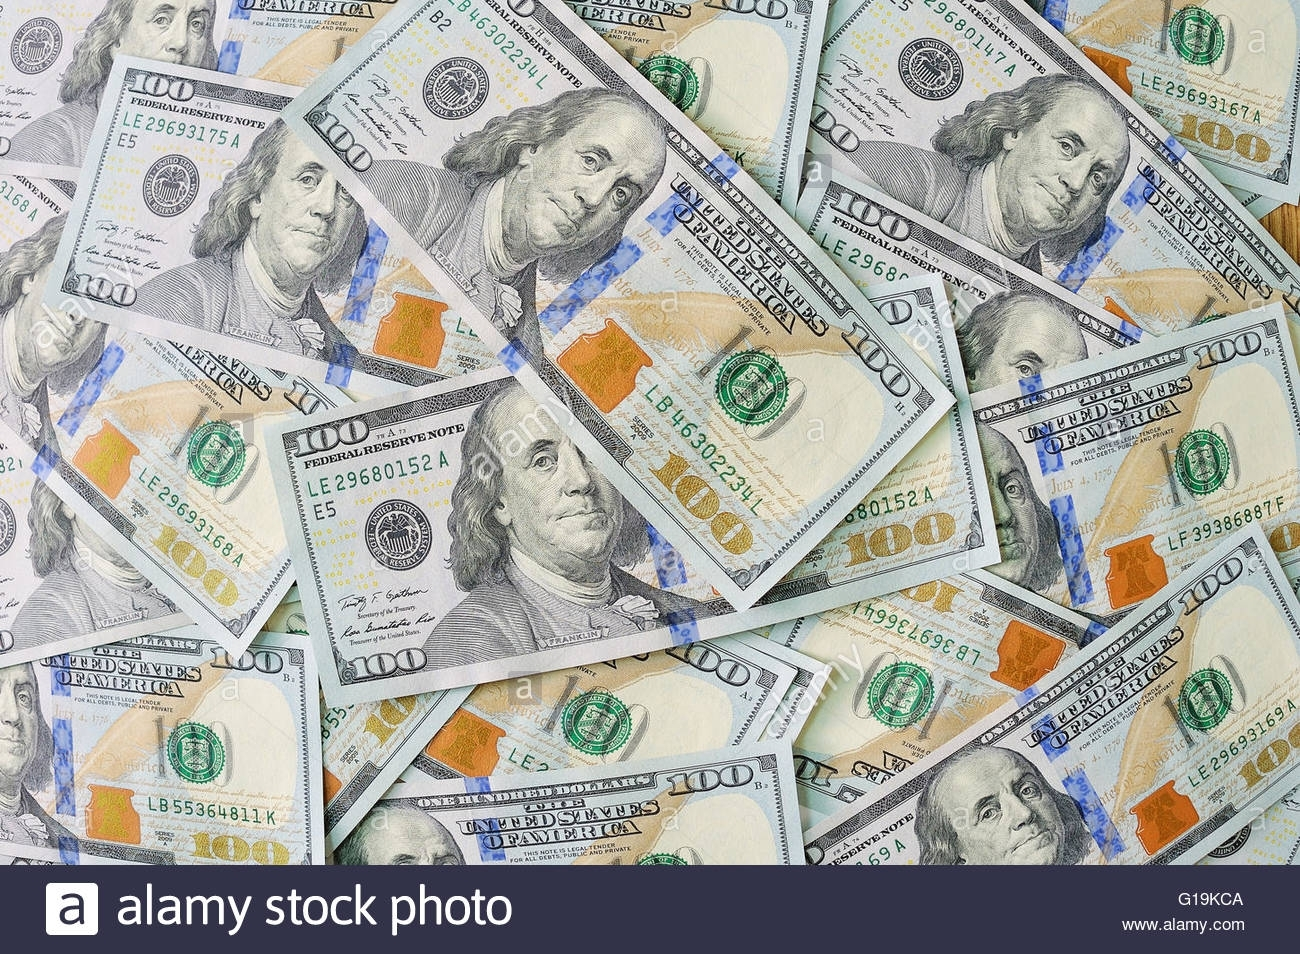 new 100 dollar bill background stock photo: 104089674 - alamy